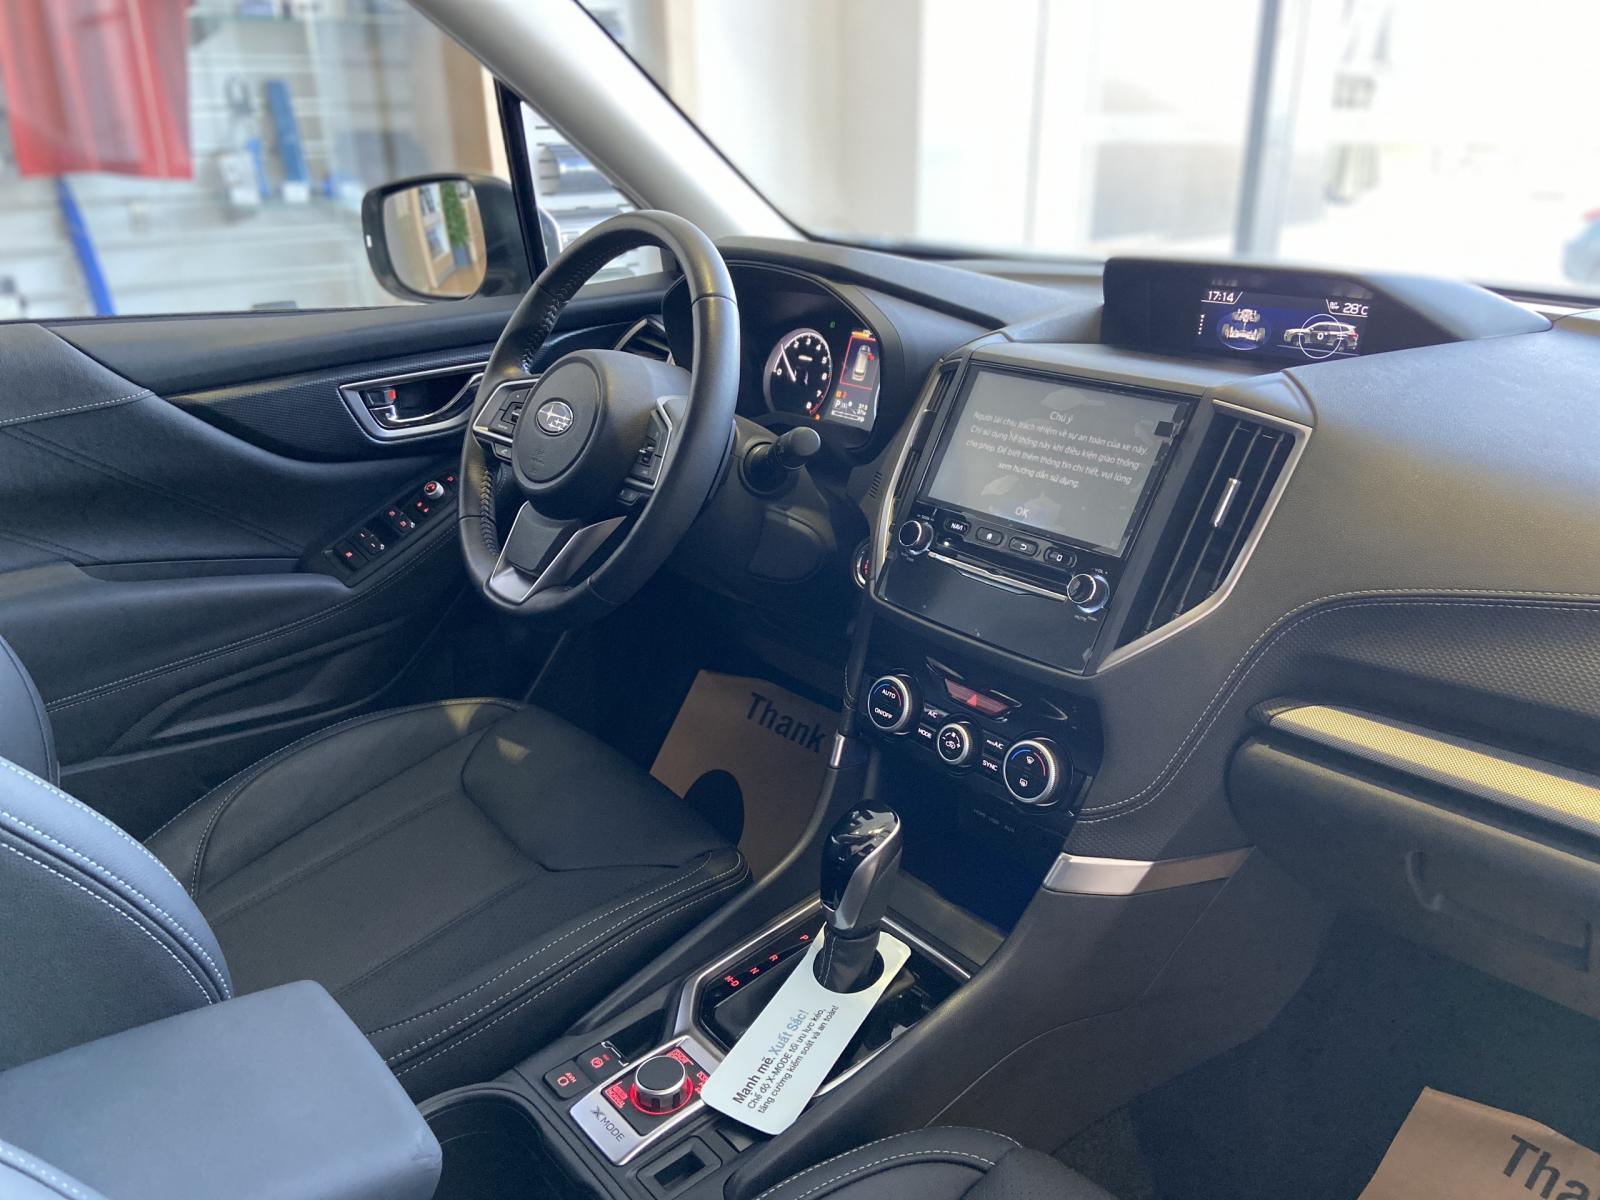 Bán Subaru Forester 2.0i-S EyeSight - Chỉ 269Tr nhận xe ngay - Giao xe tại nhà - Hỗ trợ lái thử, giá tốt nhất Miền Trung